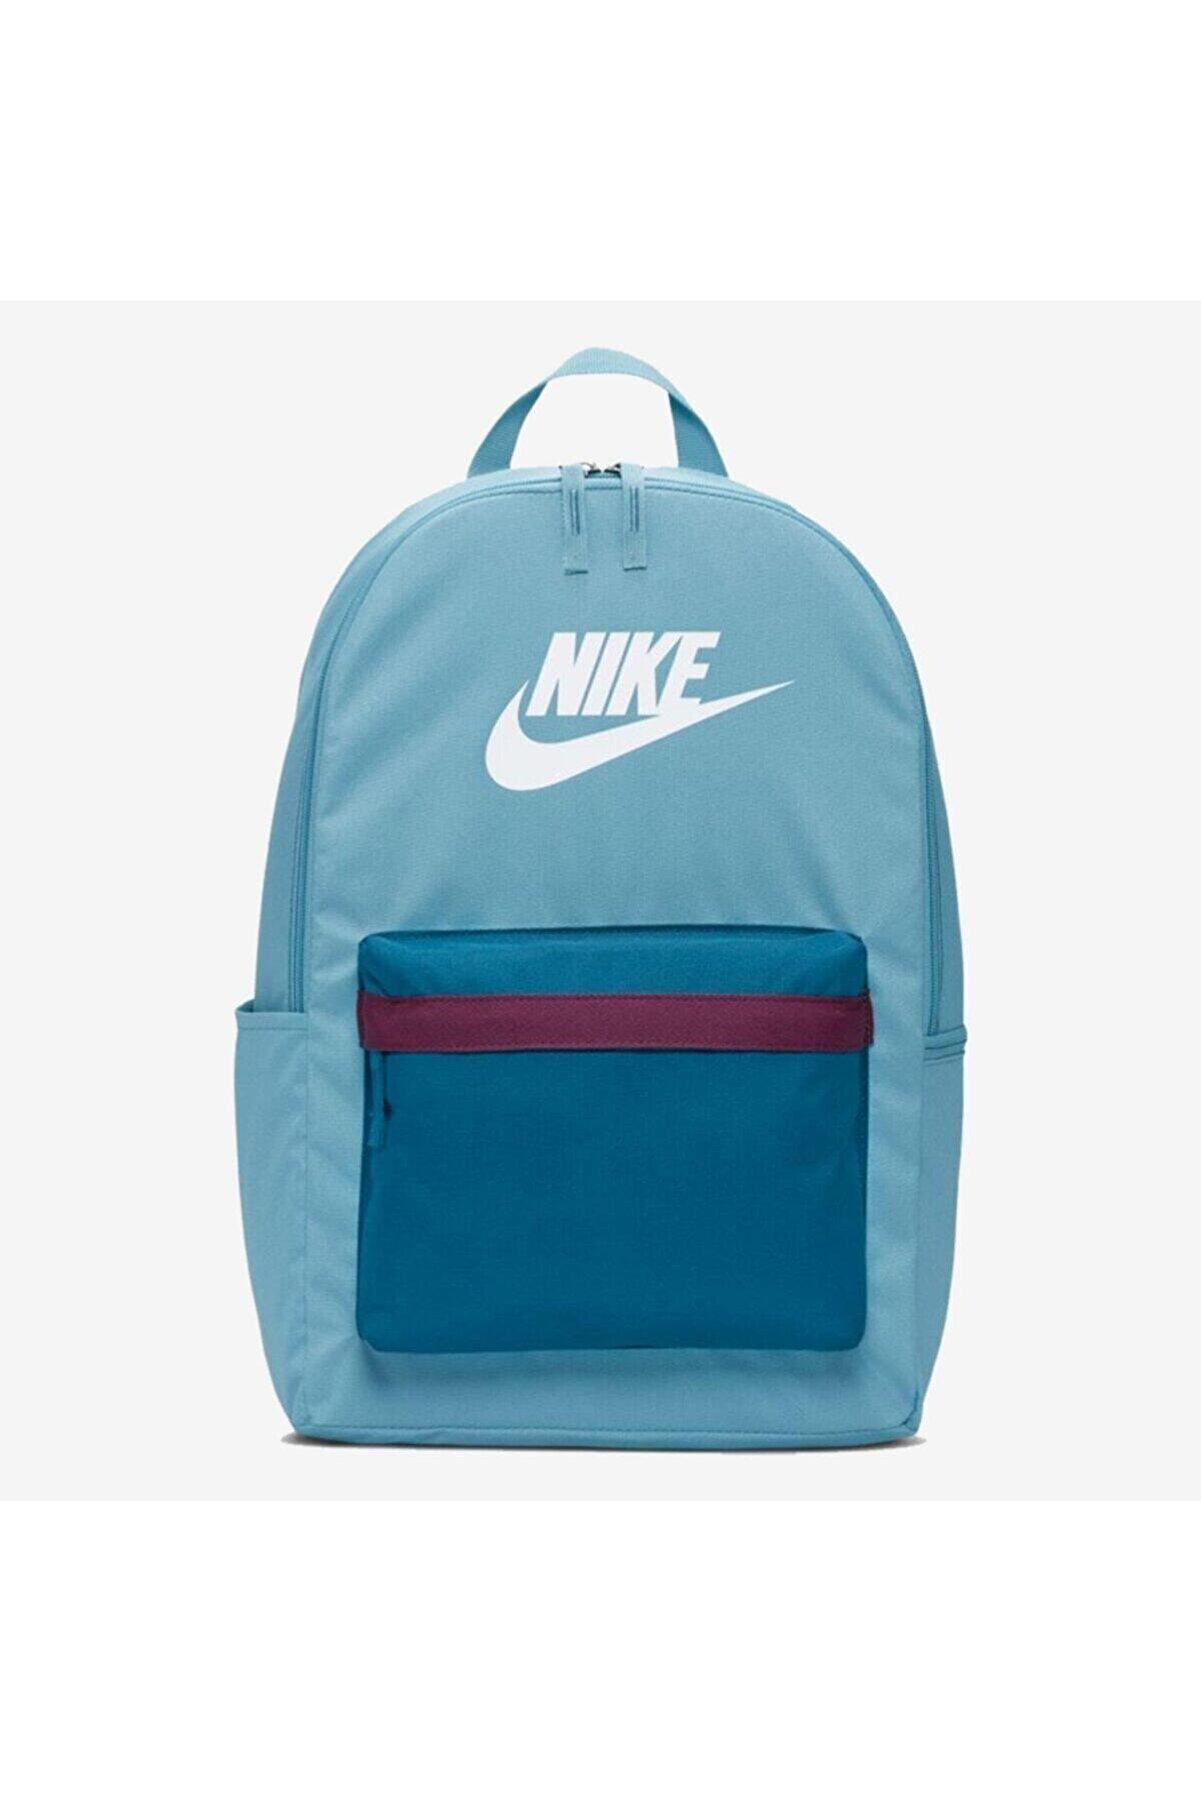 Nike Nıke Nk Herıtage Bkpk - 2.0 Unısex Sırt Cantası Ba5879